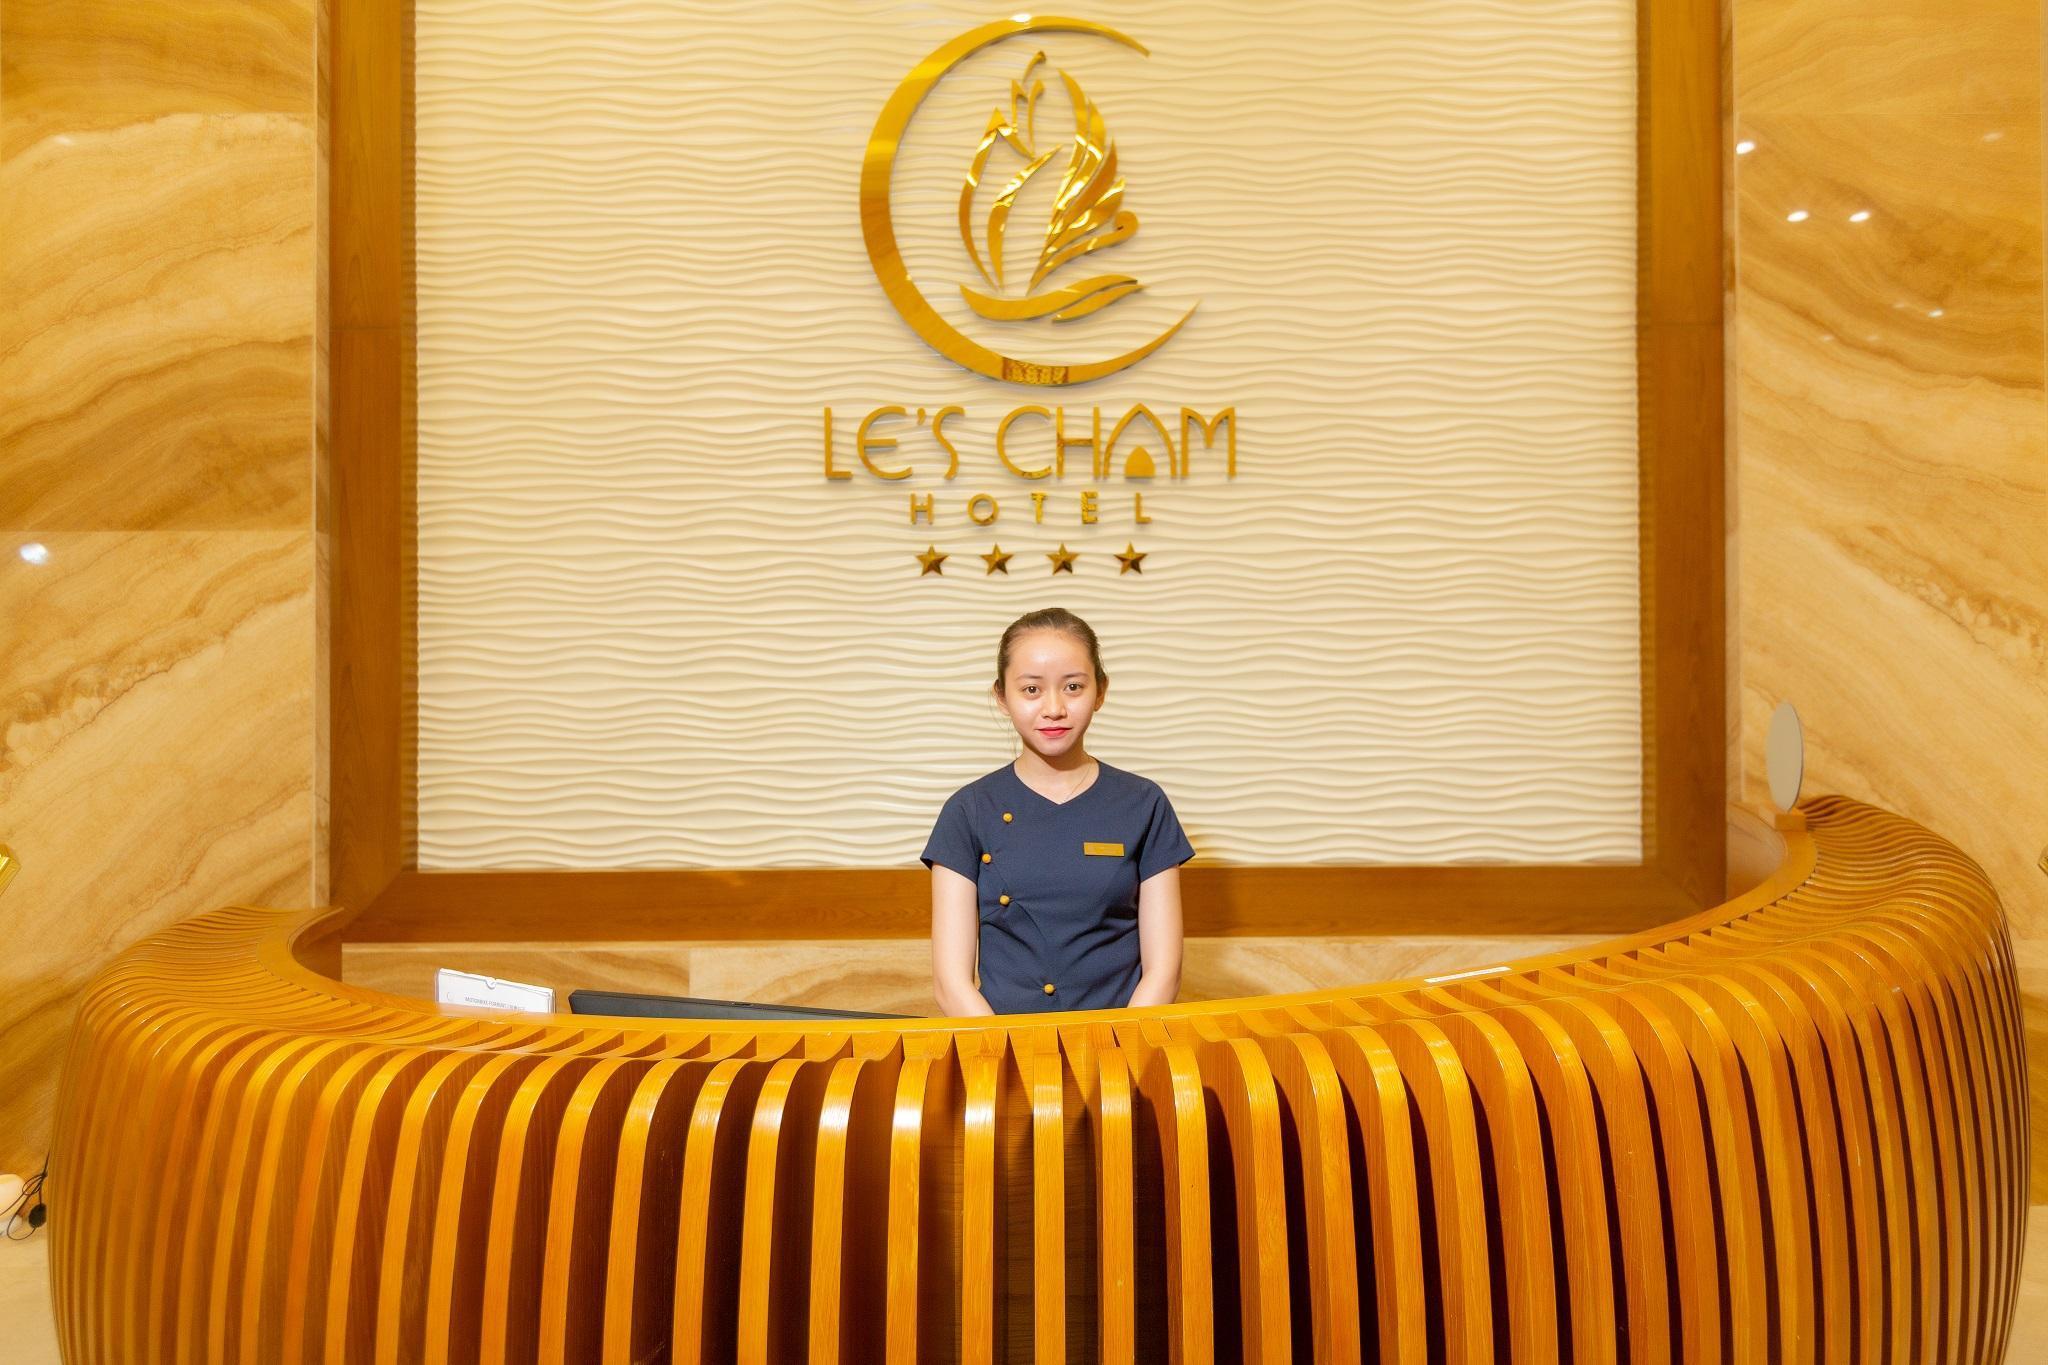 Le's Cham Hotel